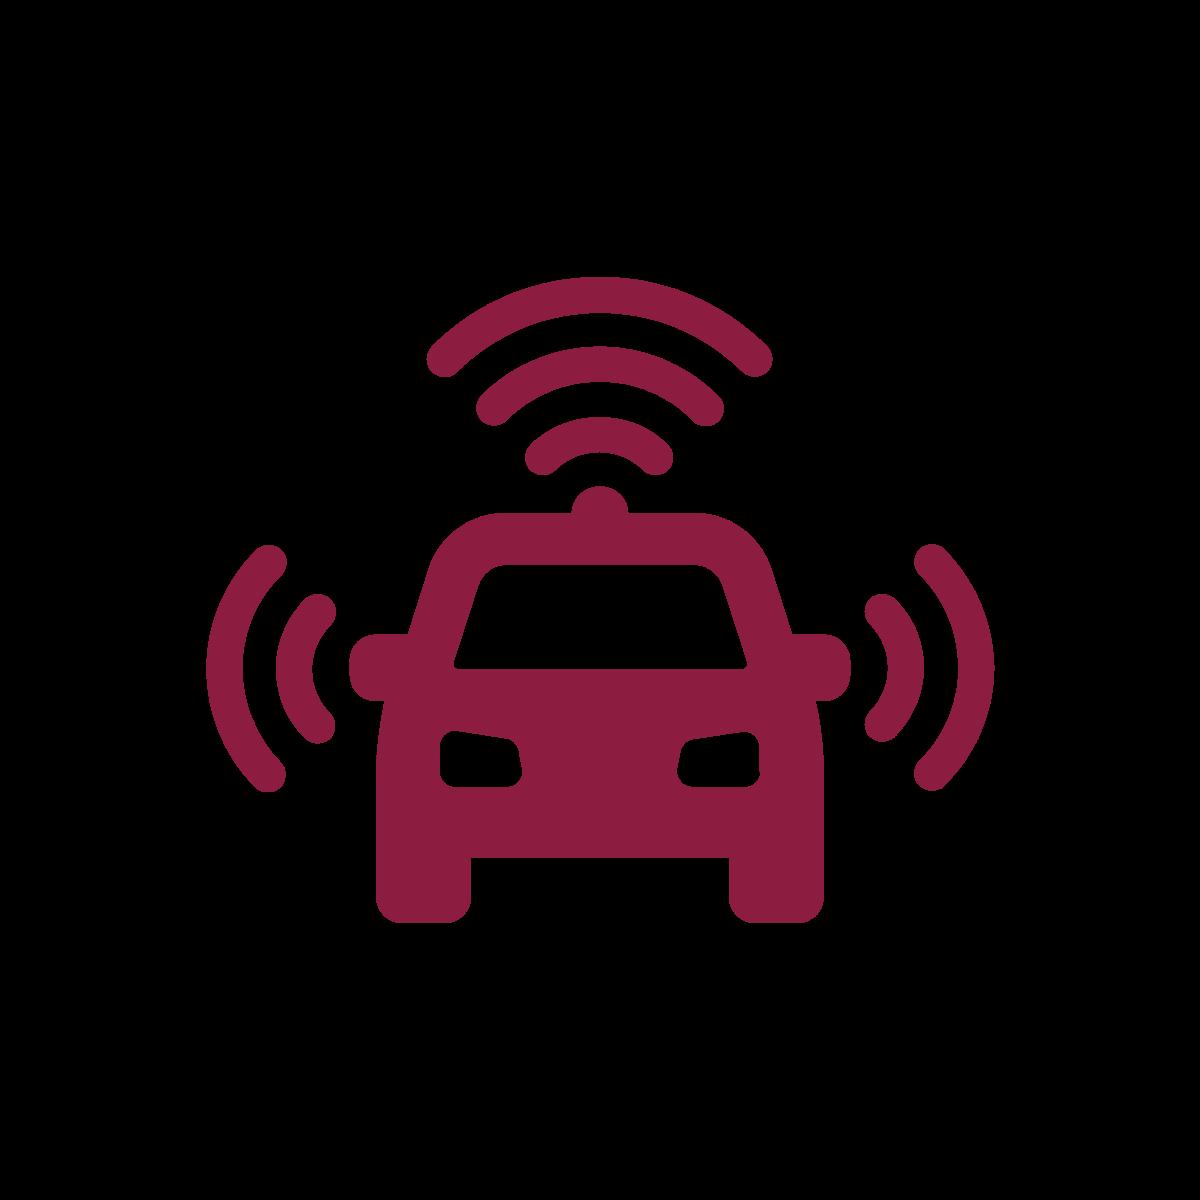 Autonomous driving icon